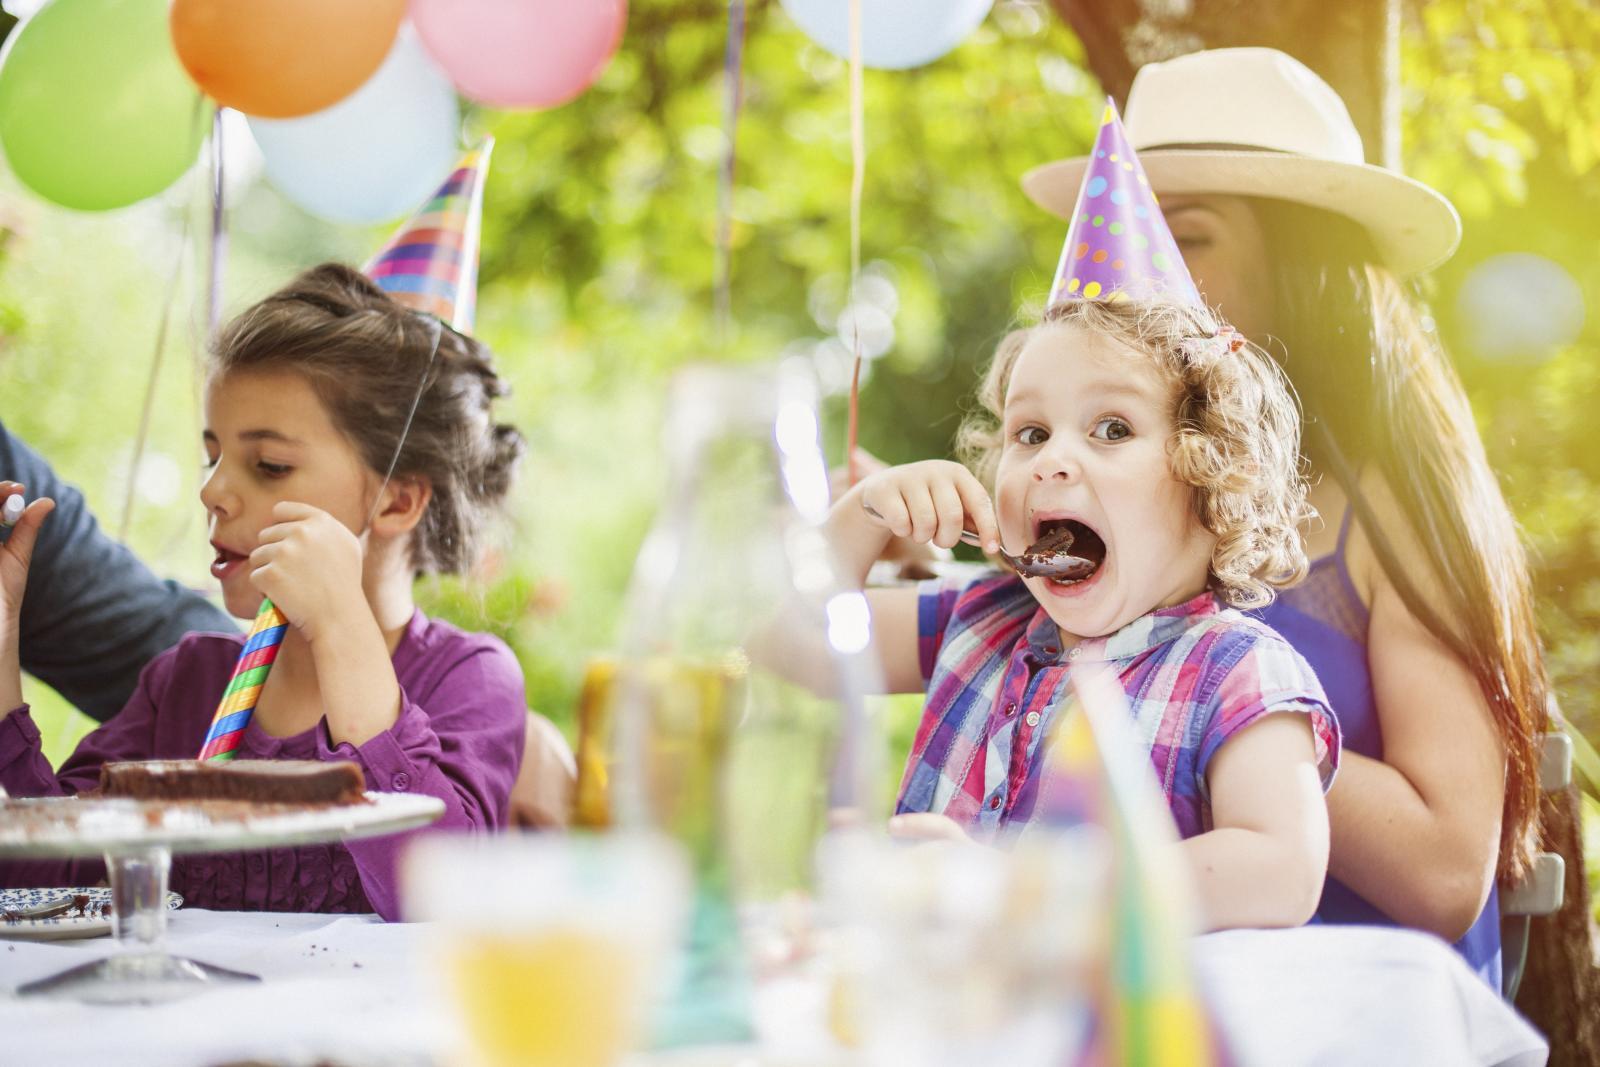 Za rođendan na otvorenom ne morate ići daleko - obližnji park, igralište, livada ili vaš vrt bit će odlična kulisa za ročkas vašeg mališana.